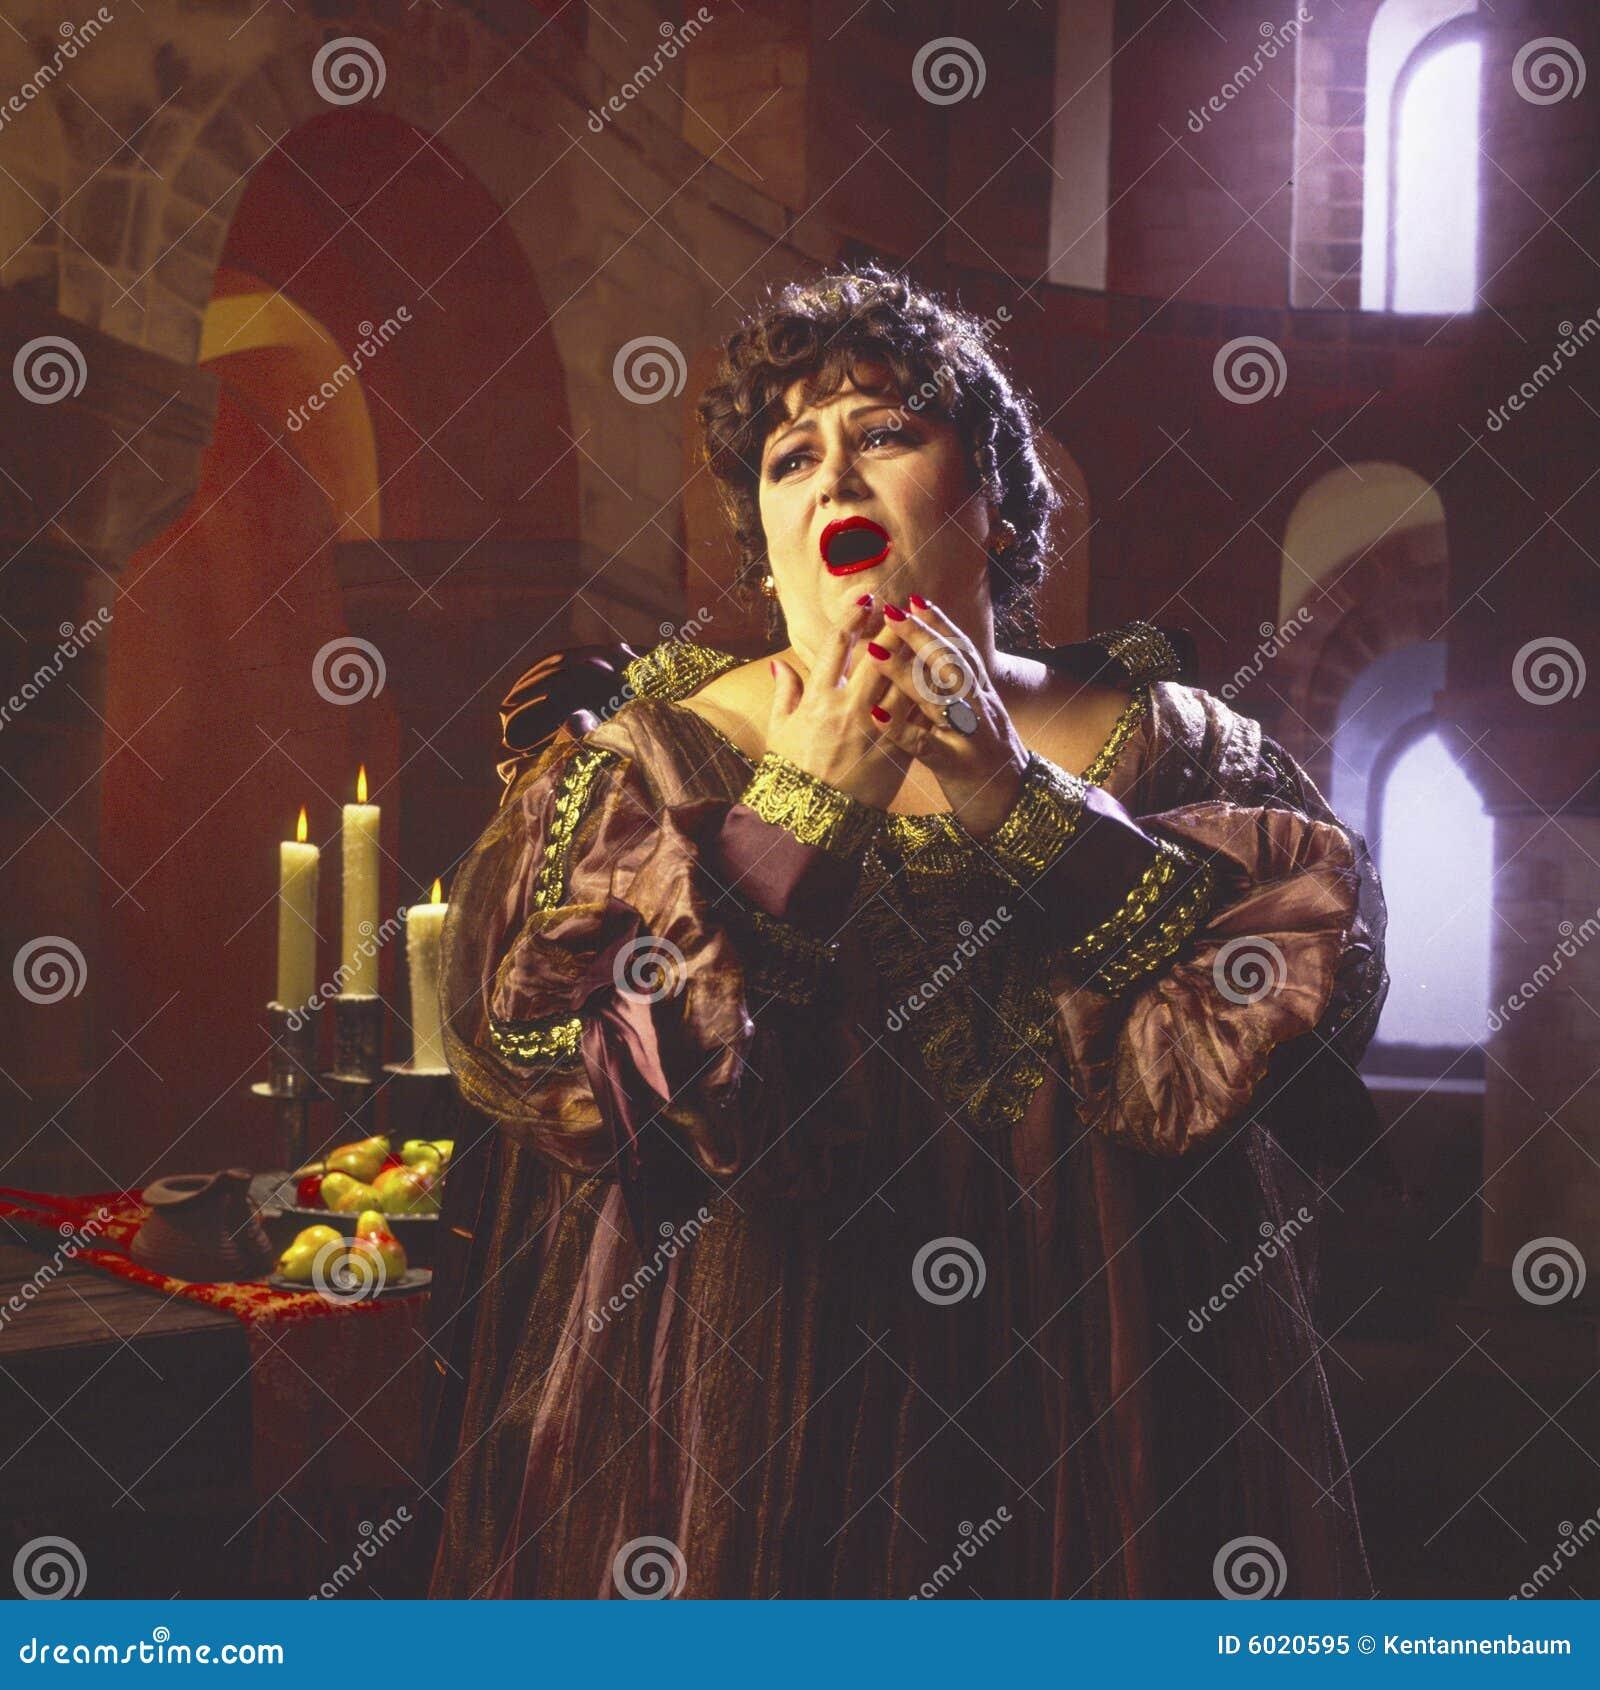 Female opera singer_3